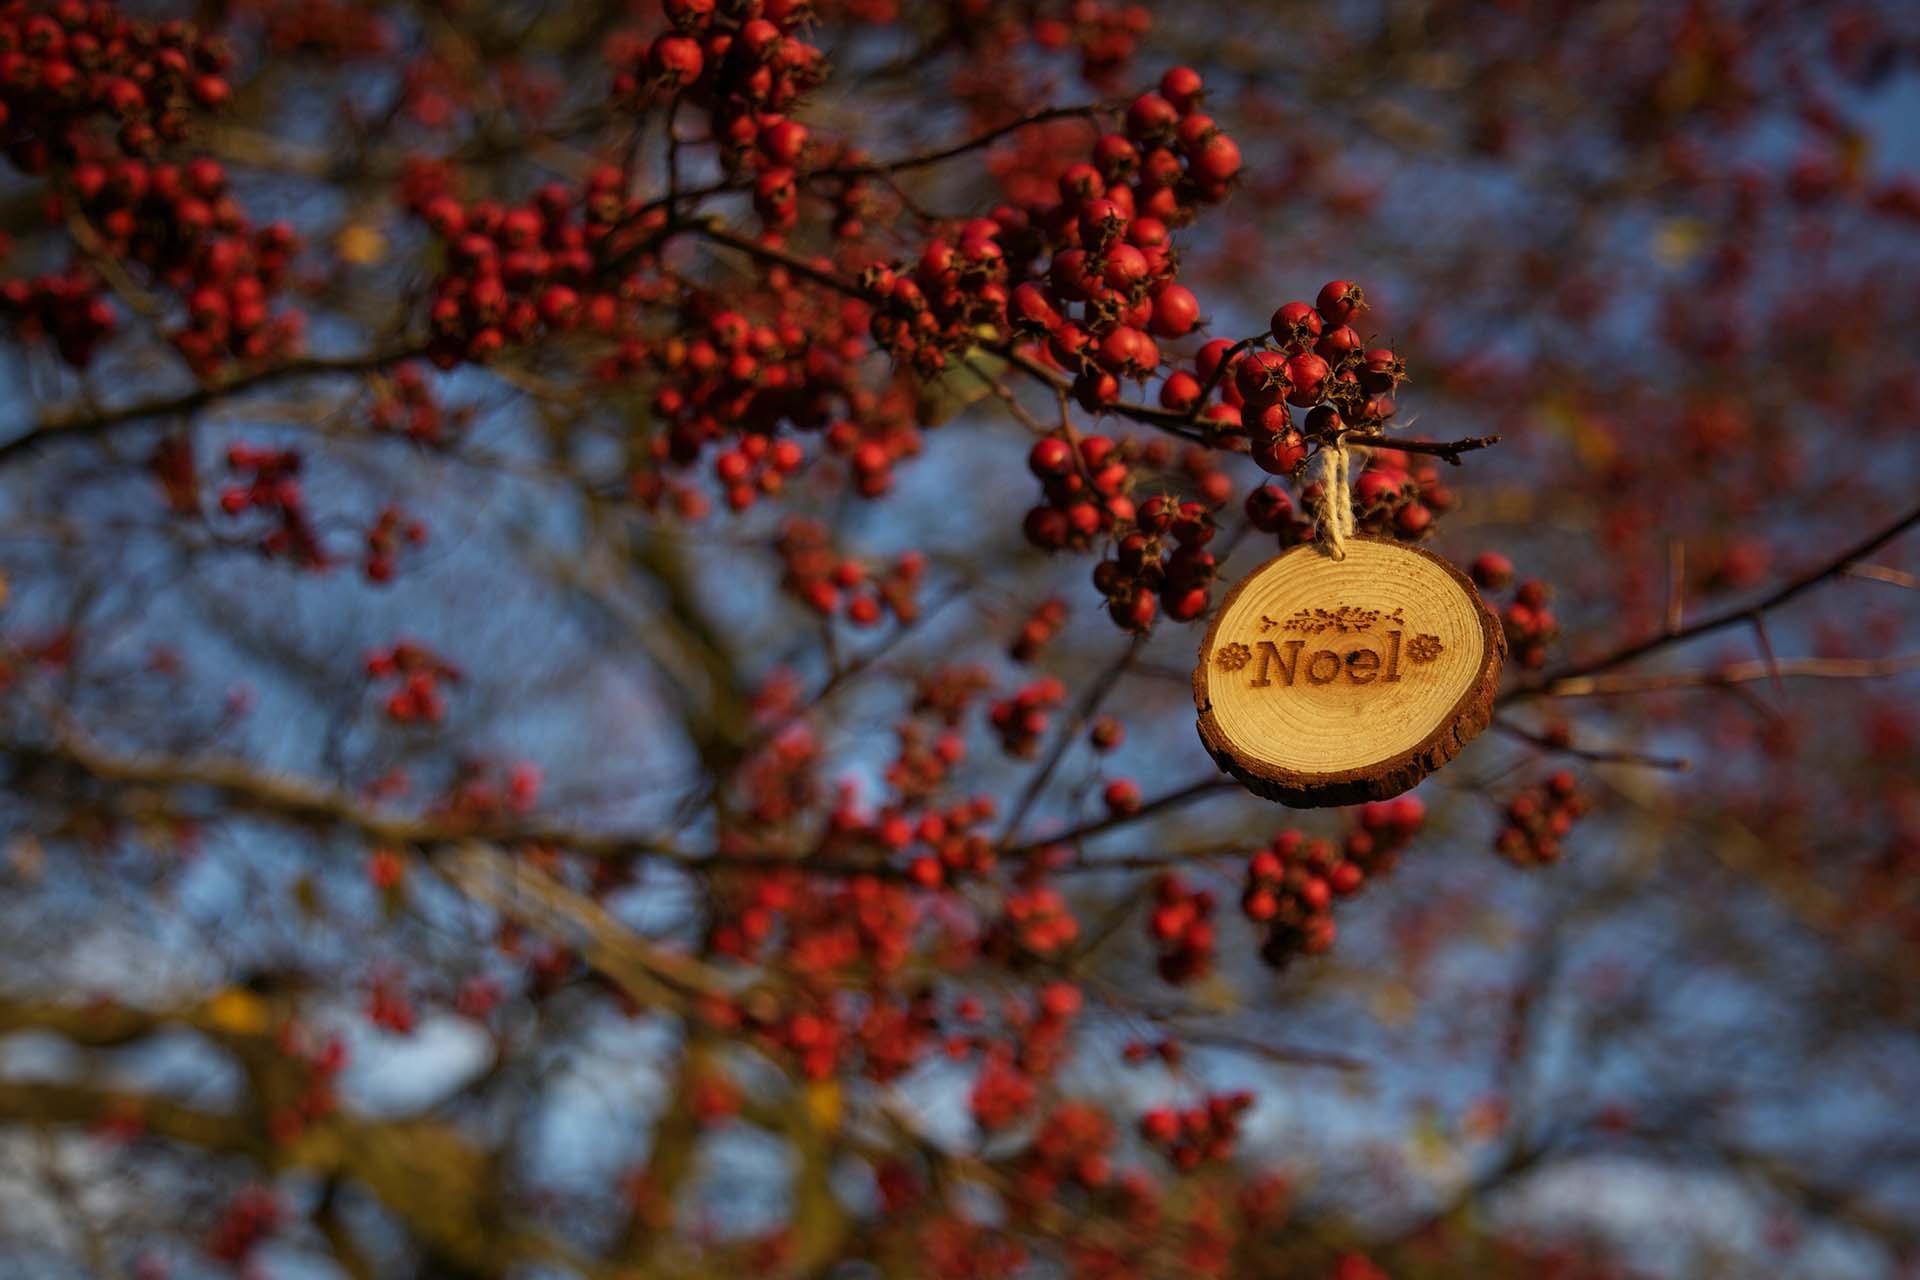 Ni árbol ni espumillón: esta Navidad decora con flores